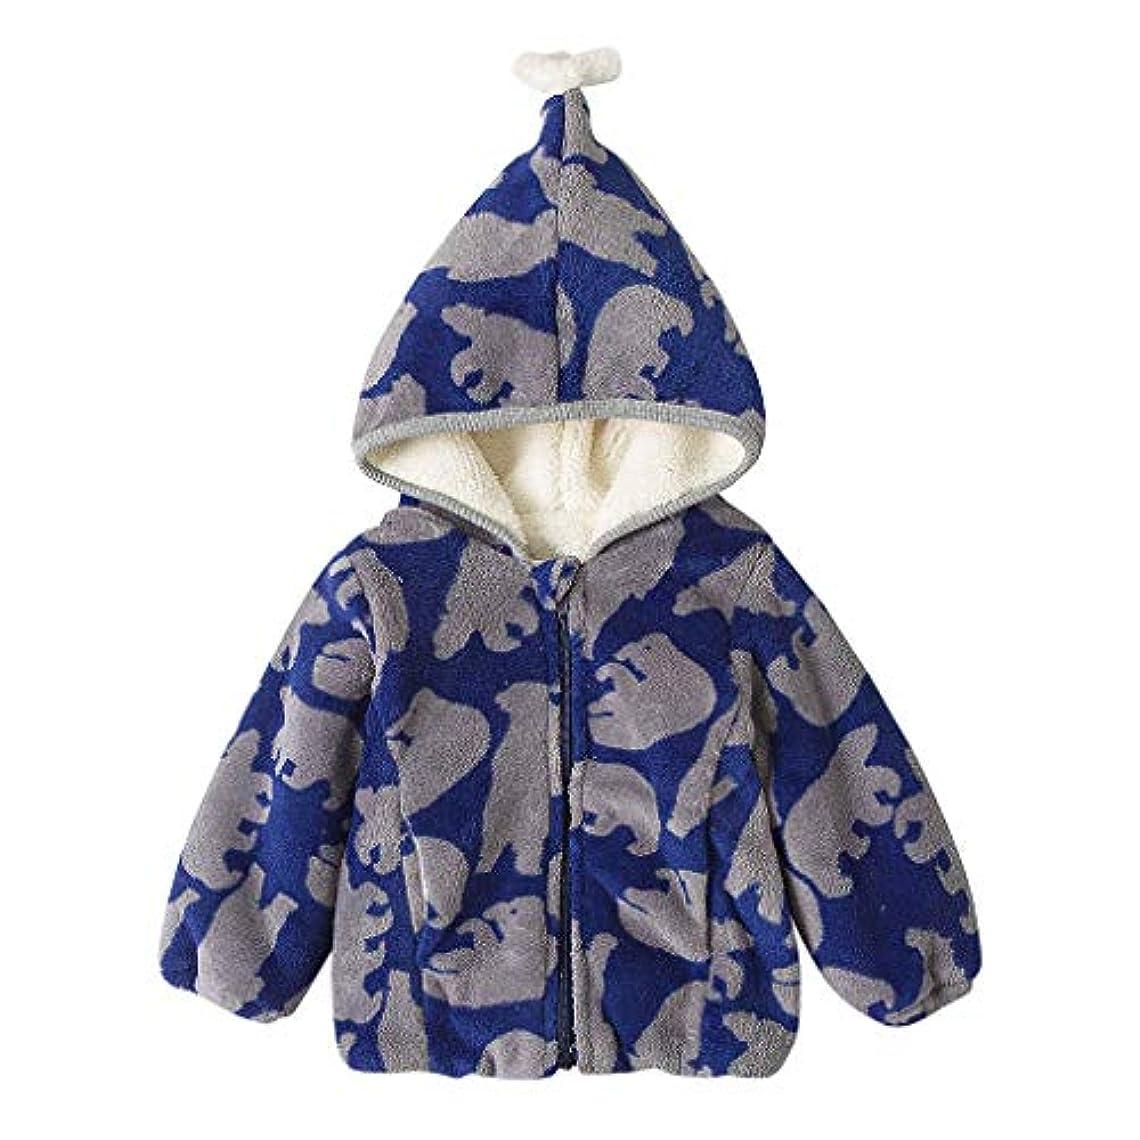 ゼロ唯物論基本的なかわいい柄あたたかい男の子女の子赤ちゃん冬コートジャケット子供ジップ厚いスノースーツパーカーオーバーコート屋外かわいいルースソフト快適なブラウストップス